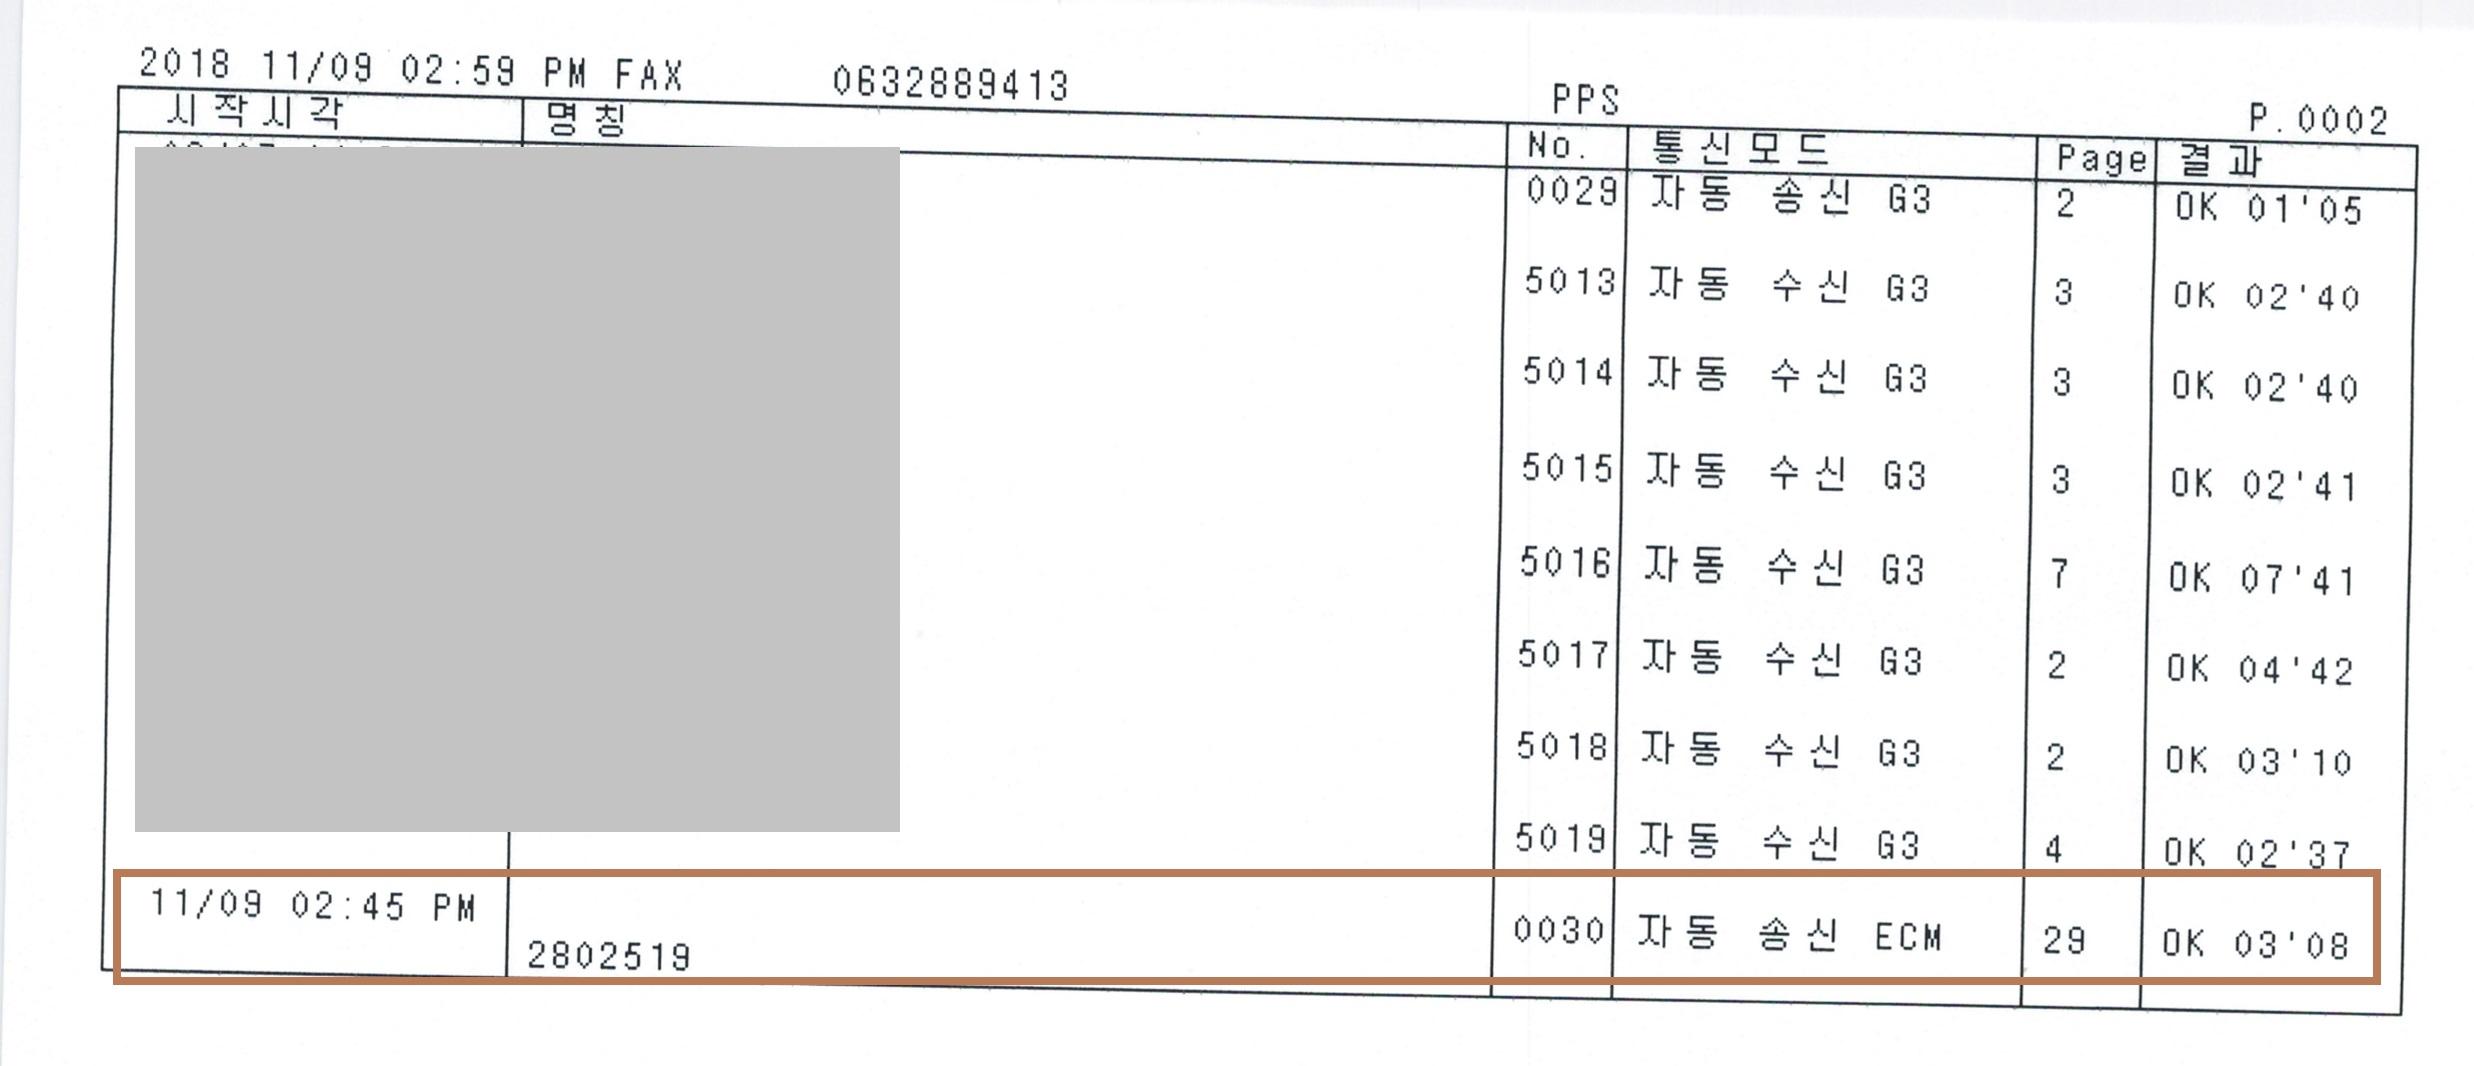 수정_18.11.9_Fax(2802519)통신관리리포트_자동송신OK(29쪽).jpg